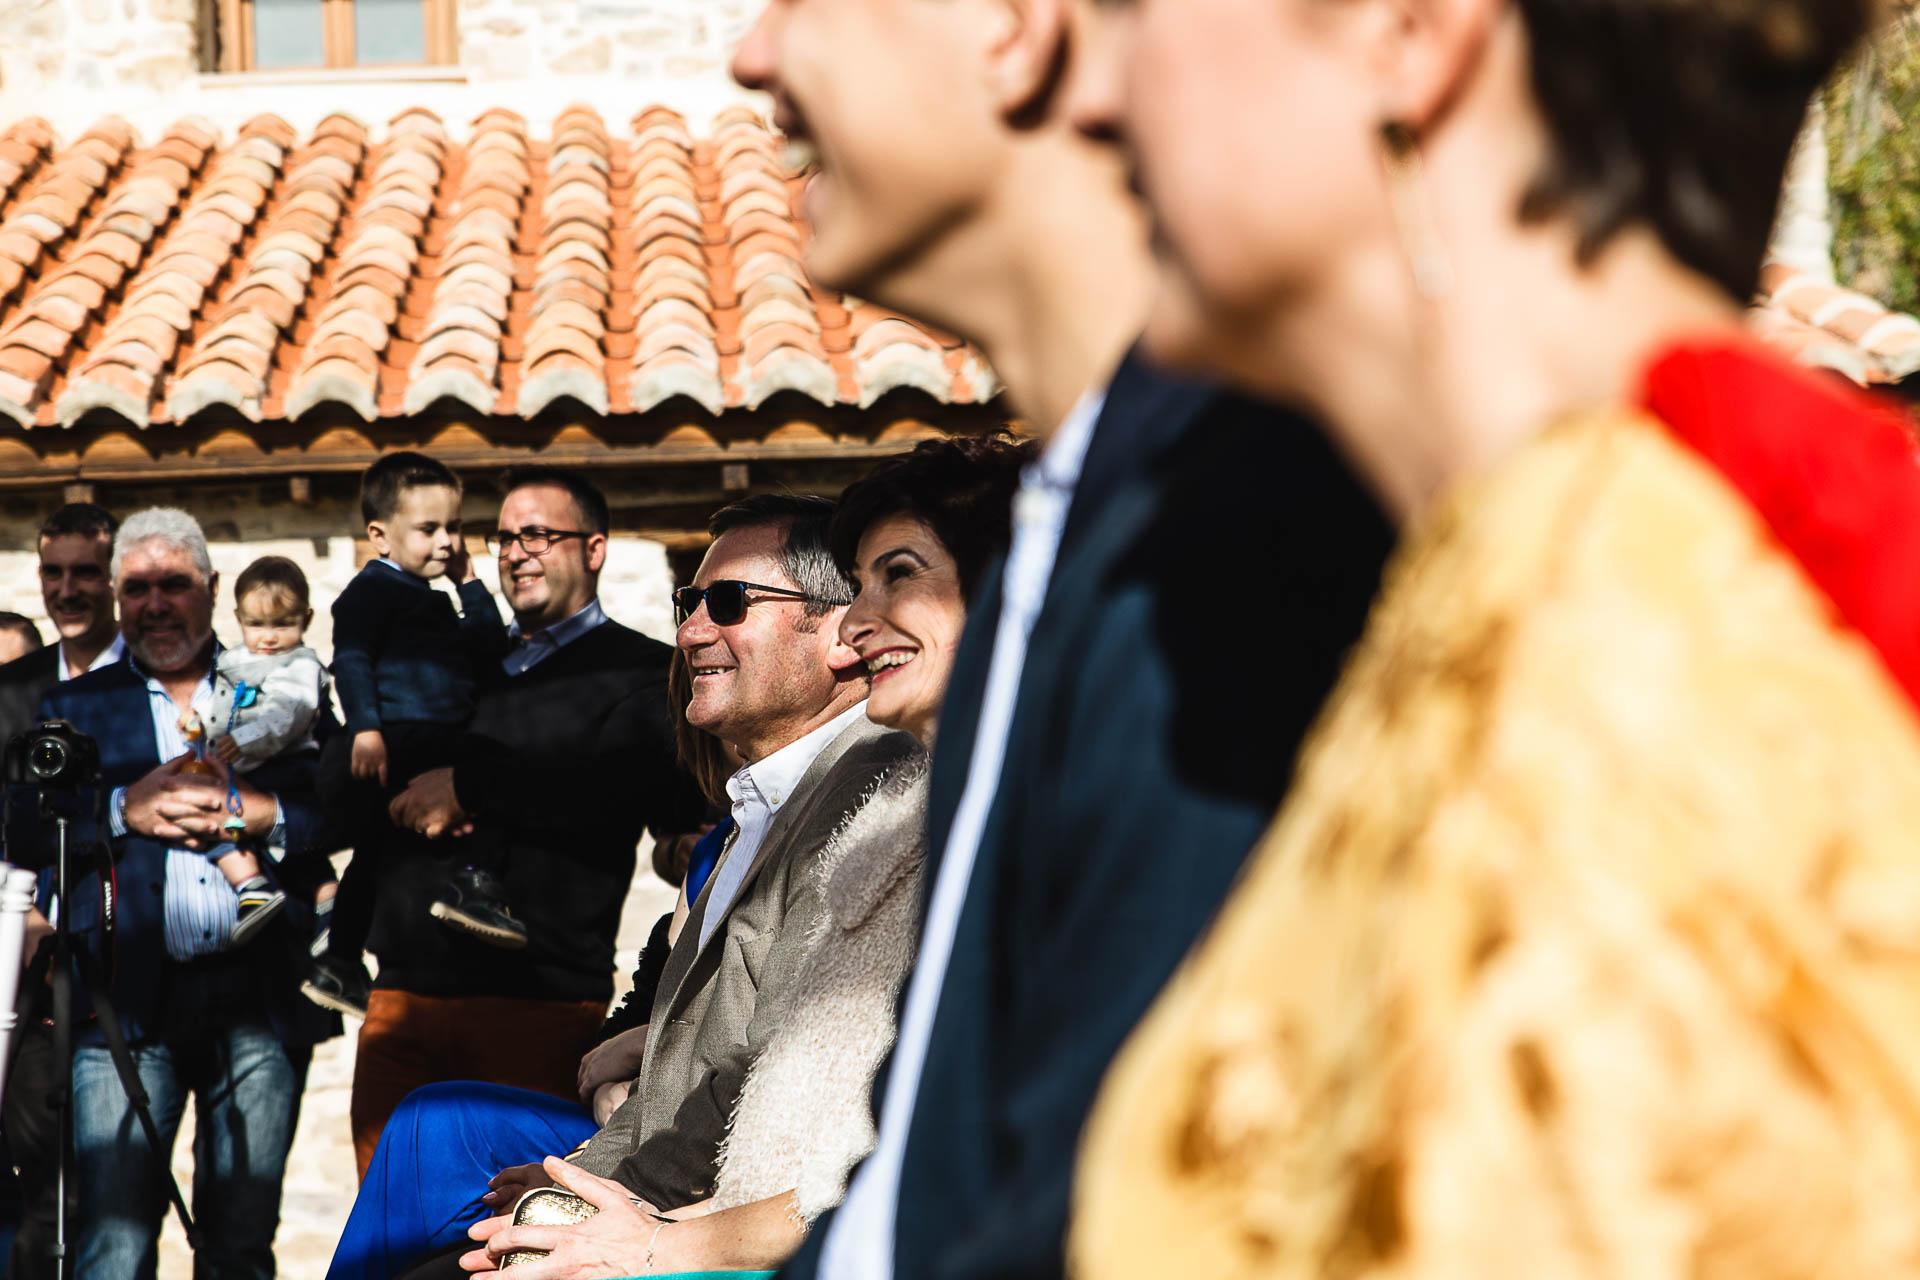 Boda en el Molino Alto, Aliaga, Teruel Ceremonia